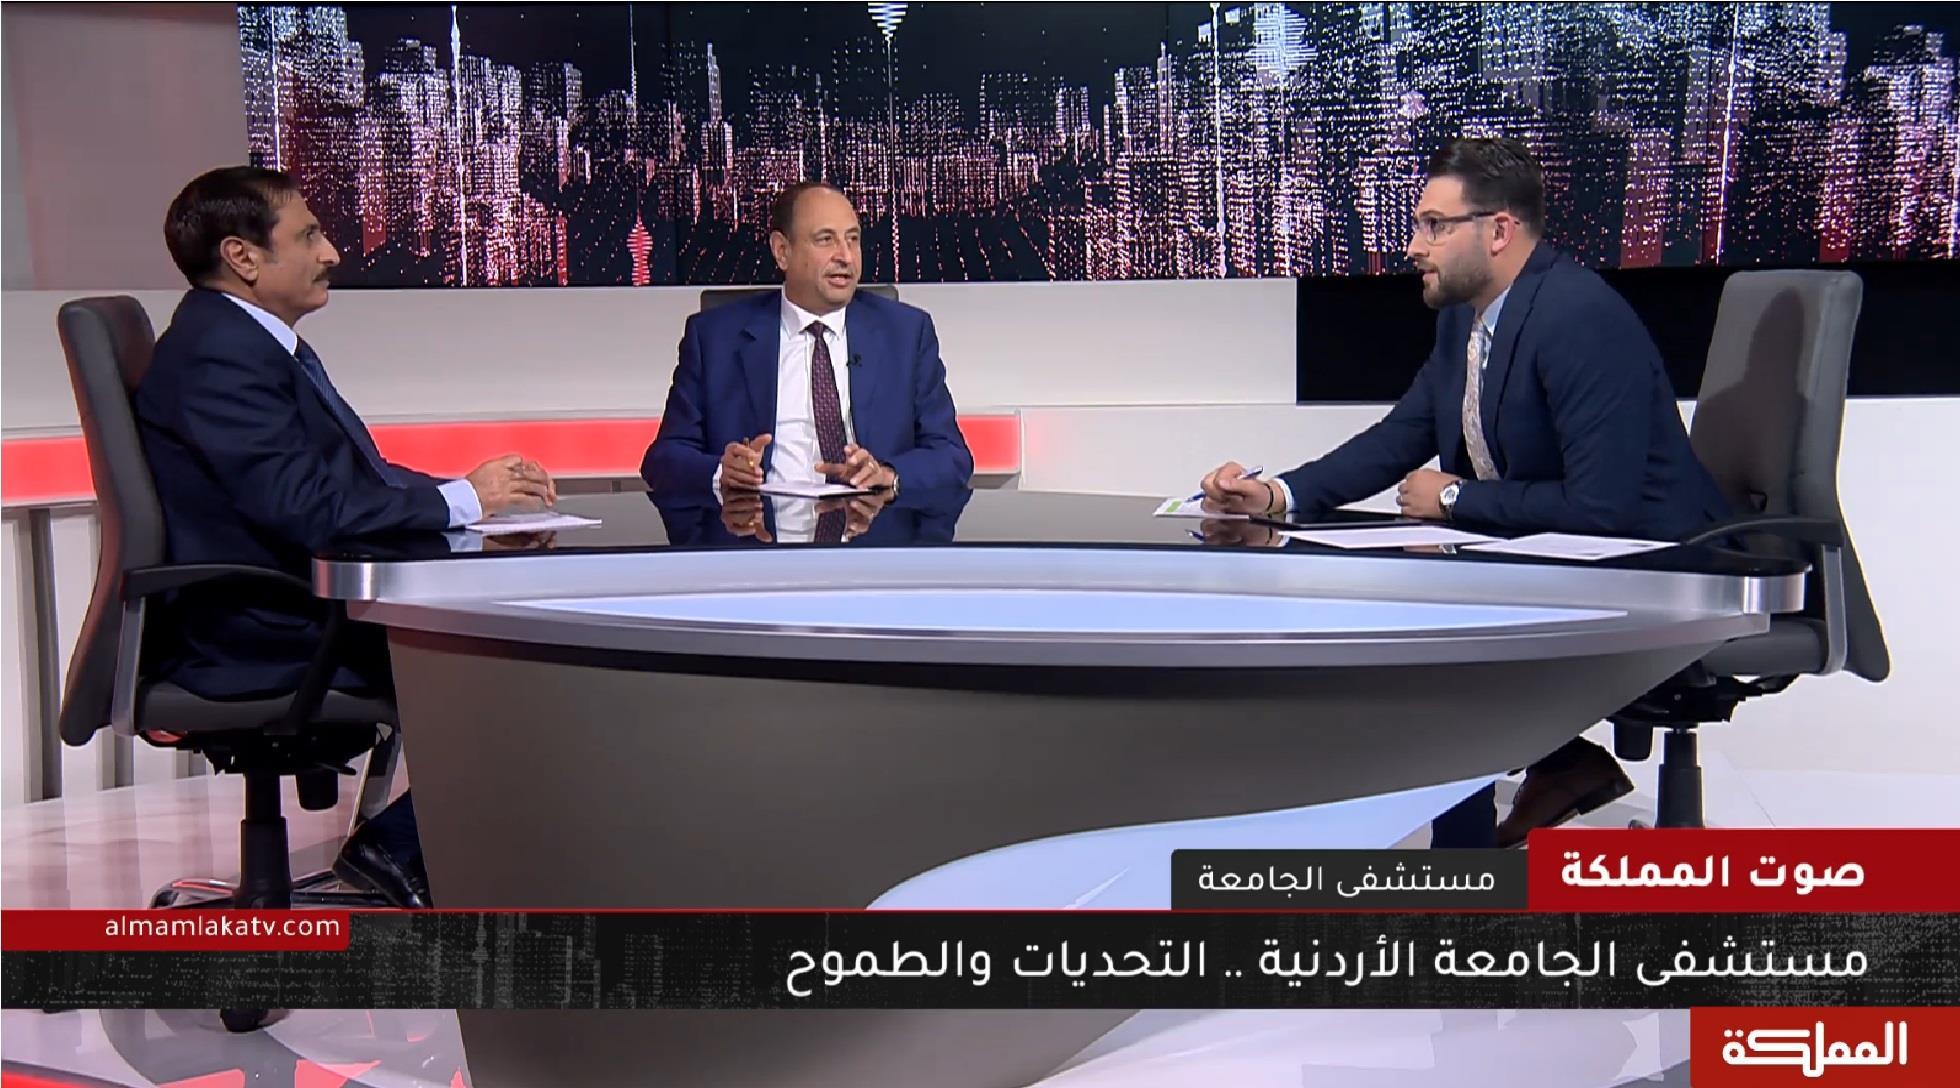 صوت المملكة   مستشفى الجامعة الأردنية ... تحديات وطموح